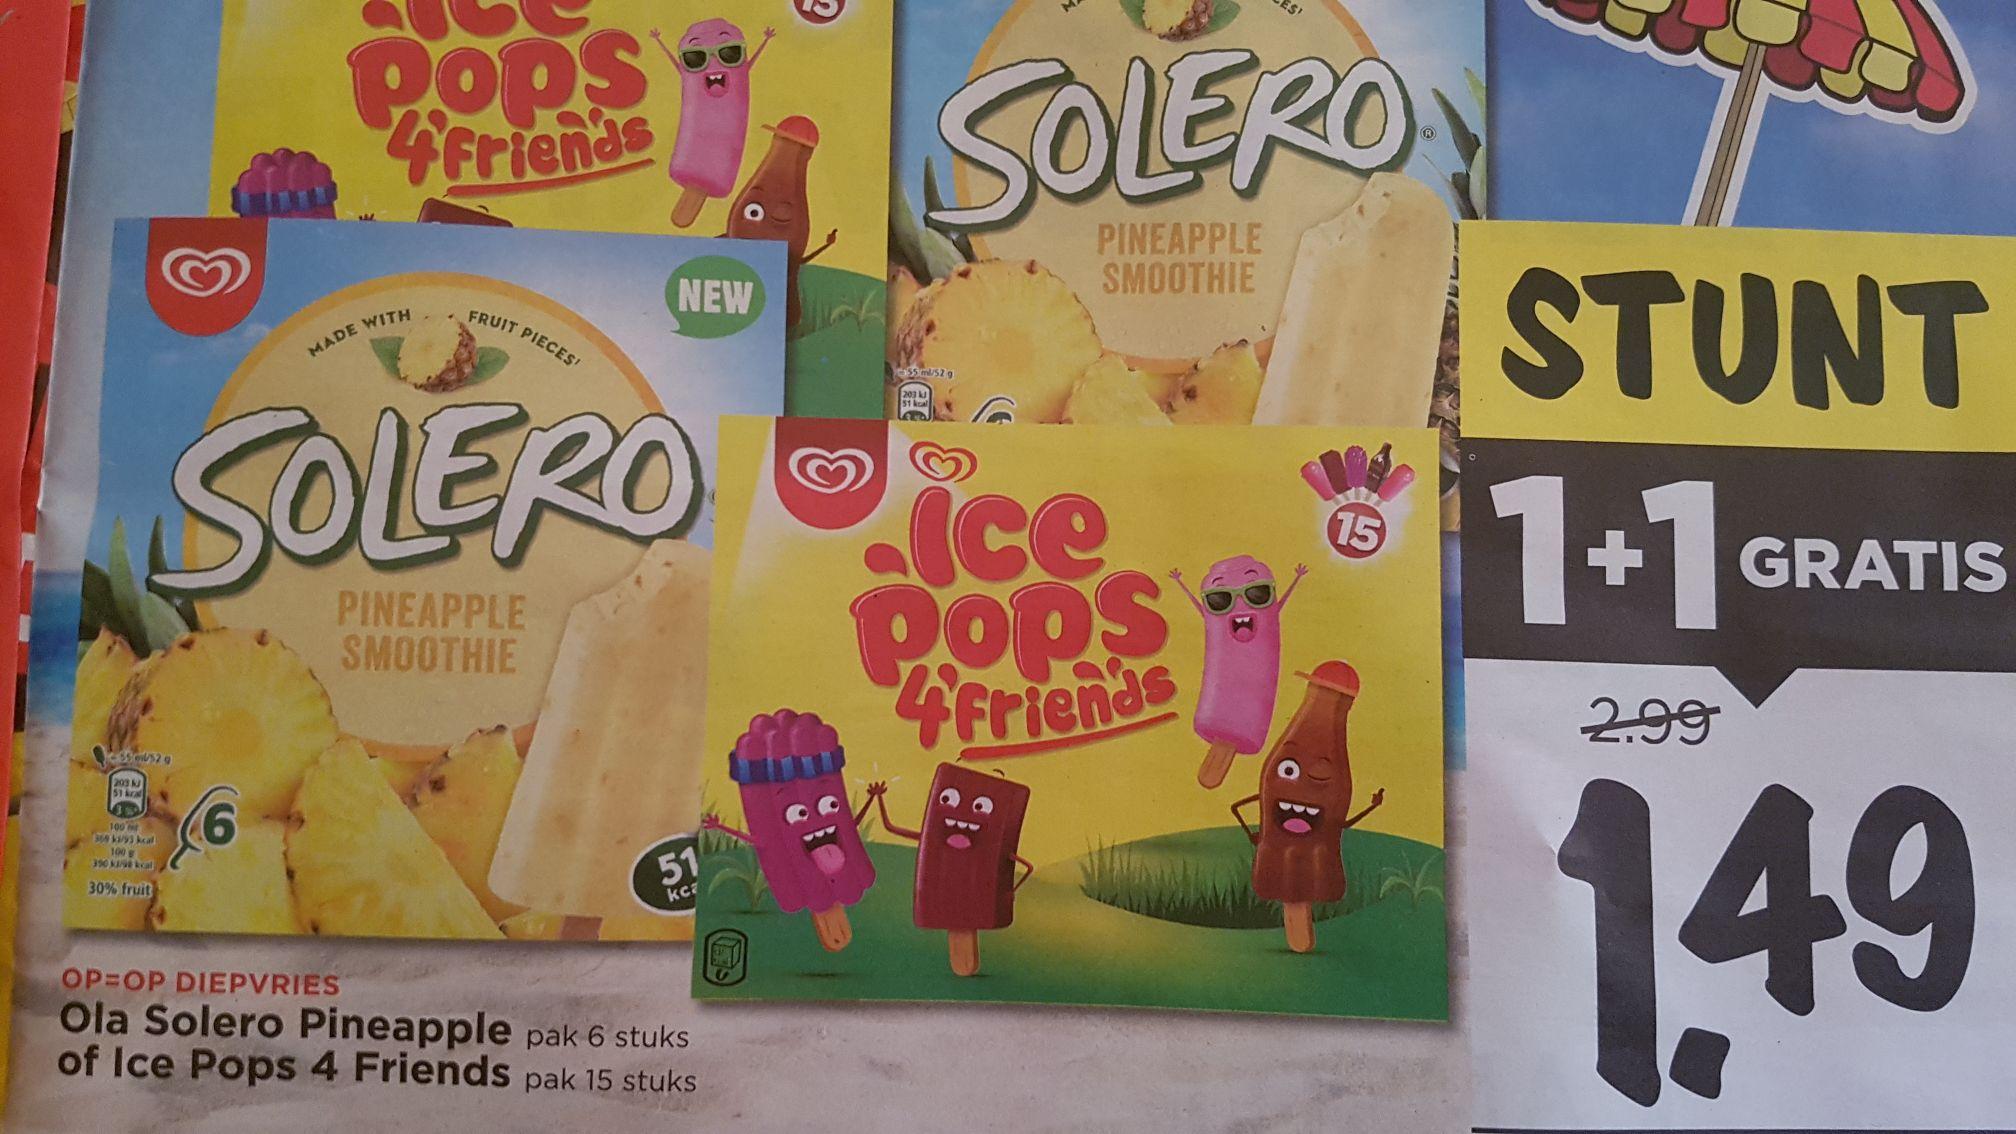 Ola Solero of Ice Pops 1+1 gratis @Vomar